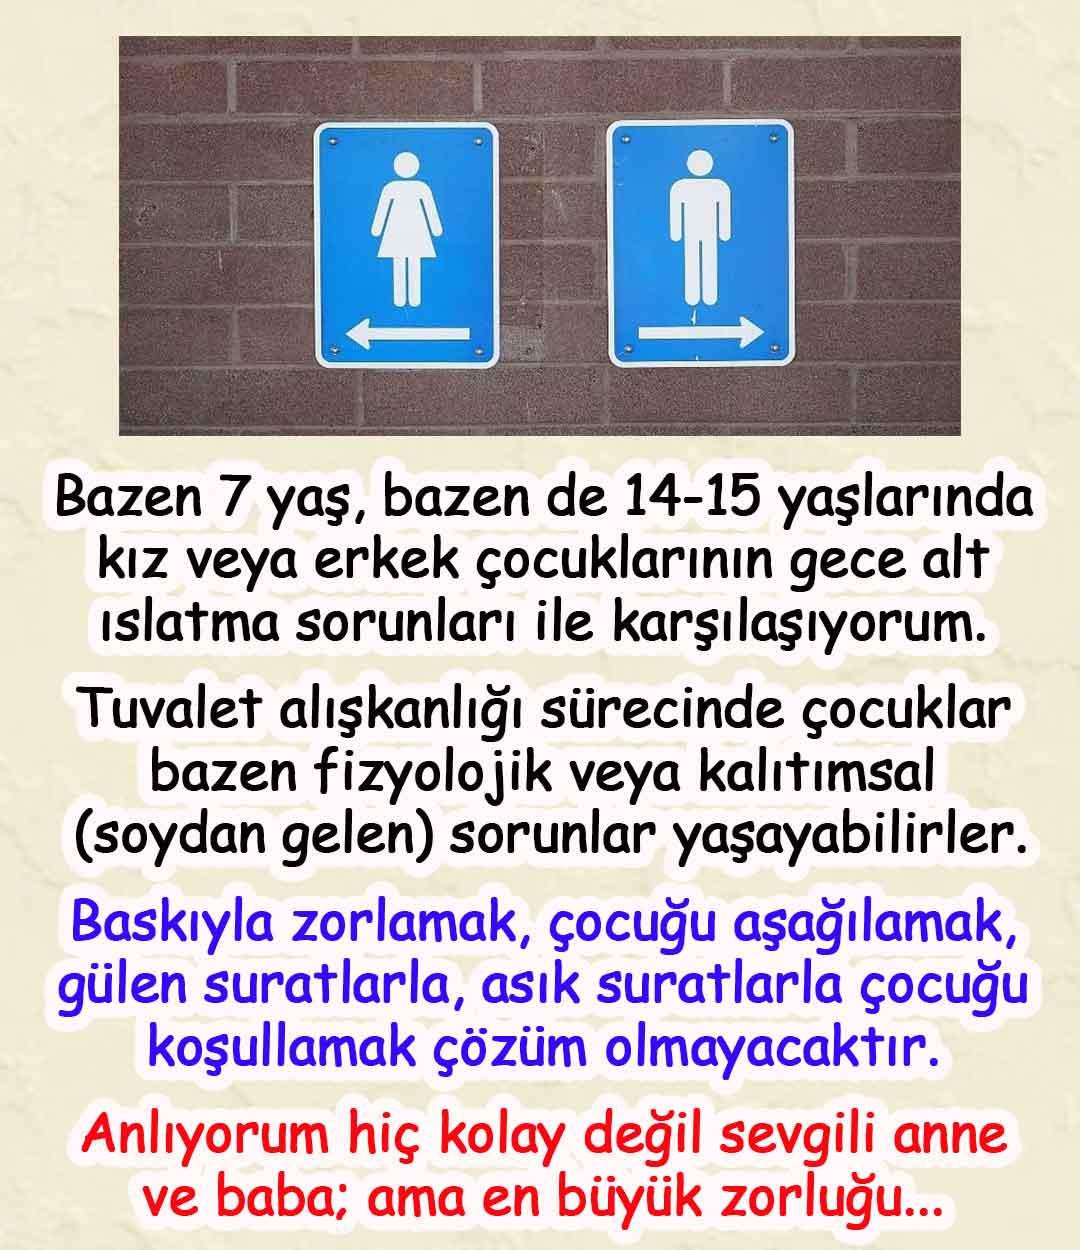 tuvaletalişkanligi